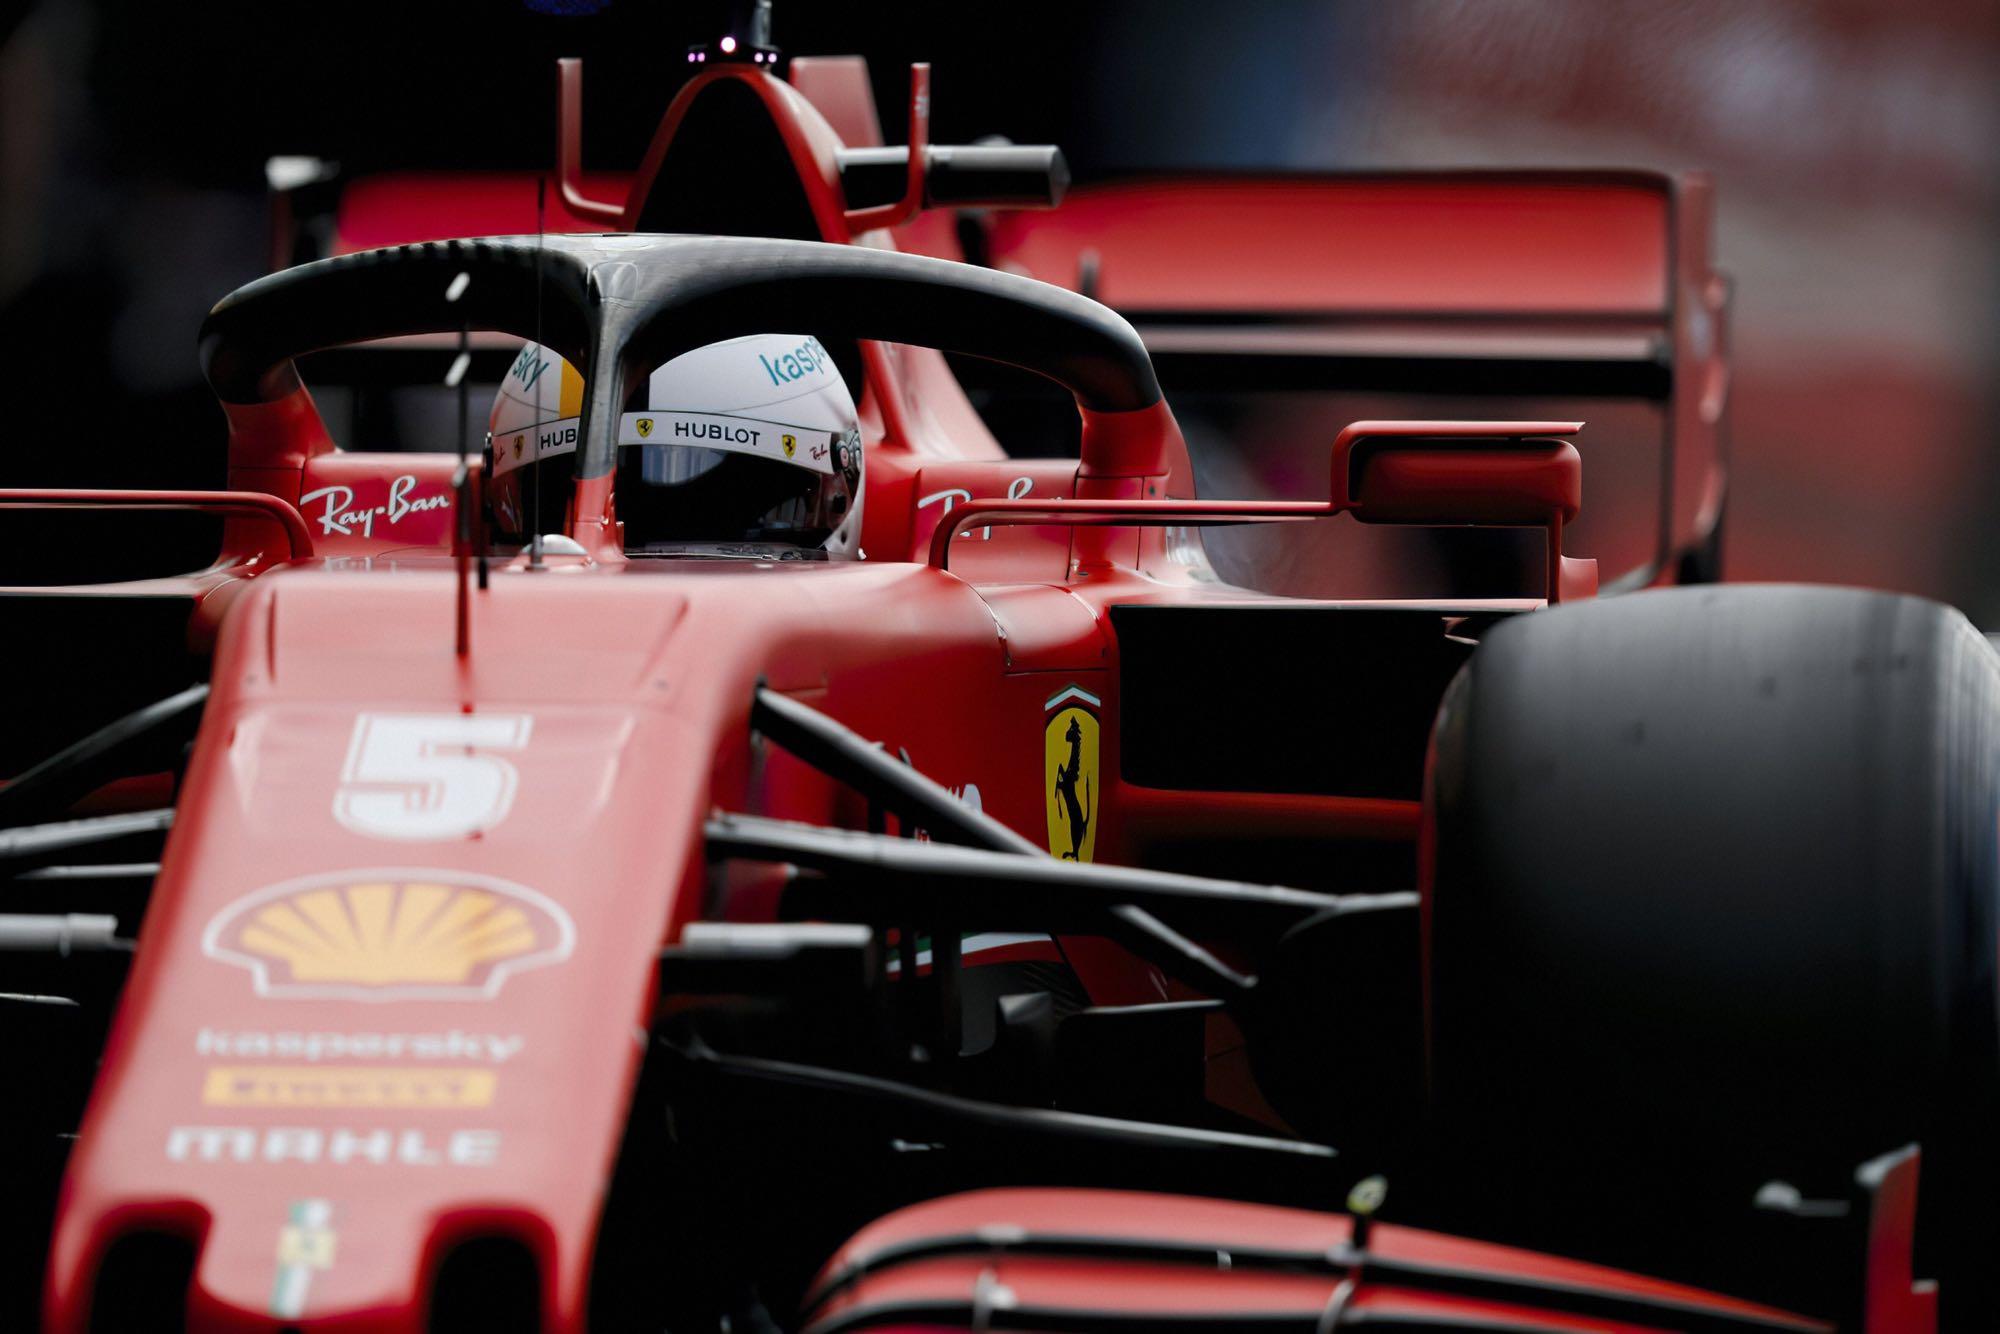 Sebastian Vettel Ferrari F1 Formula 1 Race Tracks Wallpaper Resolution 2000x1334 Id 1143194 Wallha Com